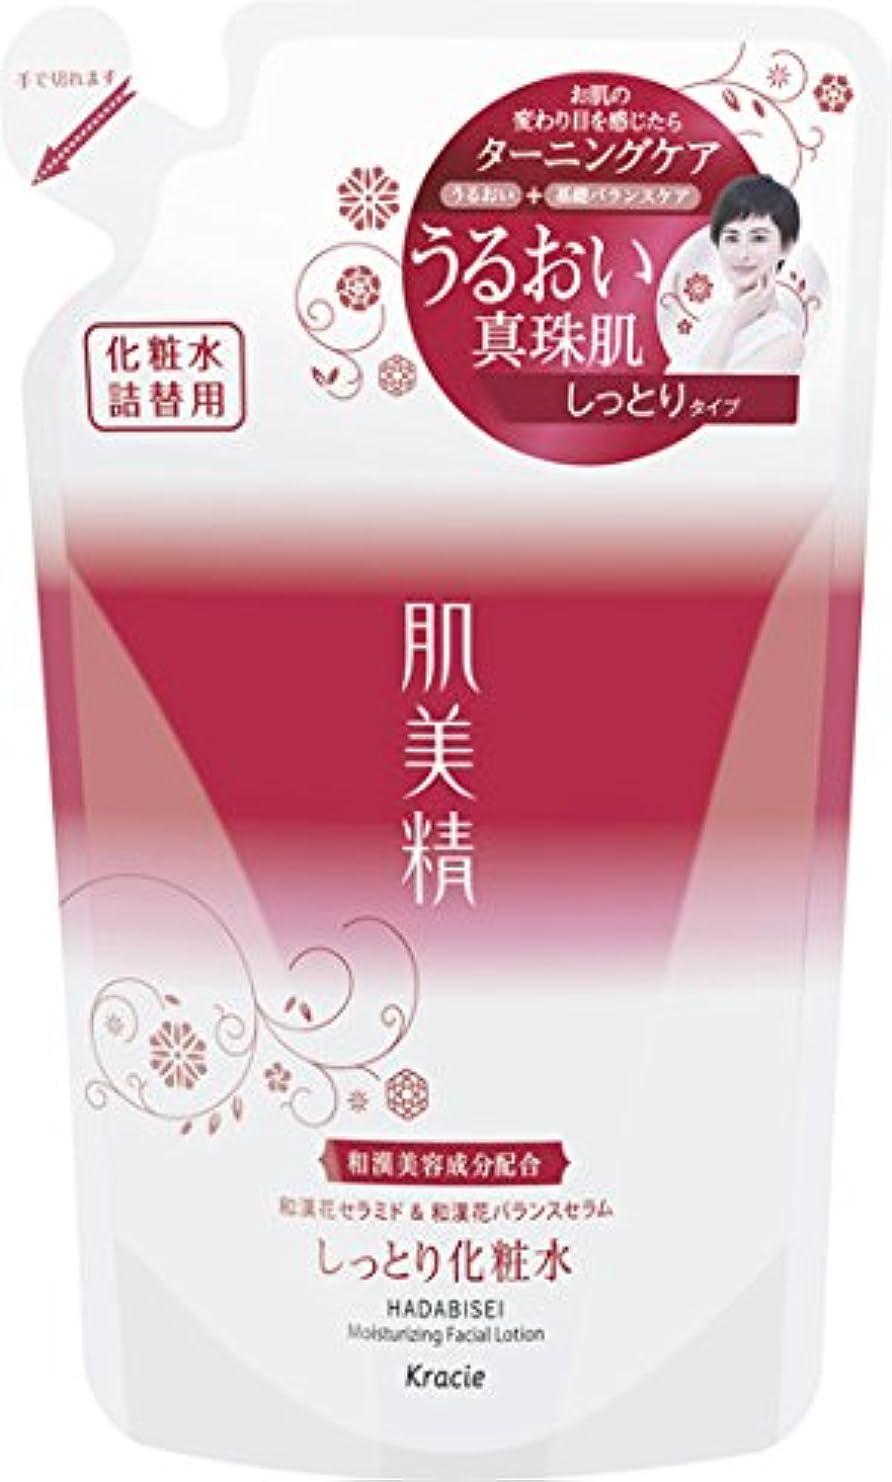 粘性の鎮静剤キノコ肌美精 ターニングケア保湿 しっとり化粧水 詰替用 180mL